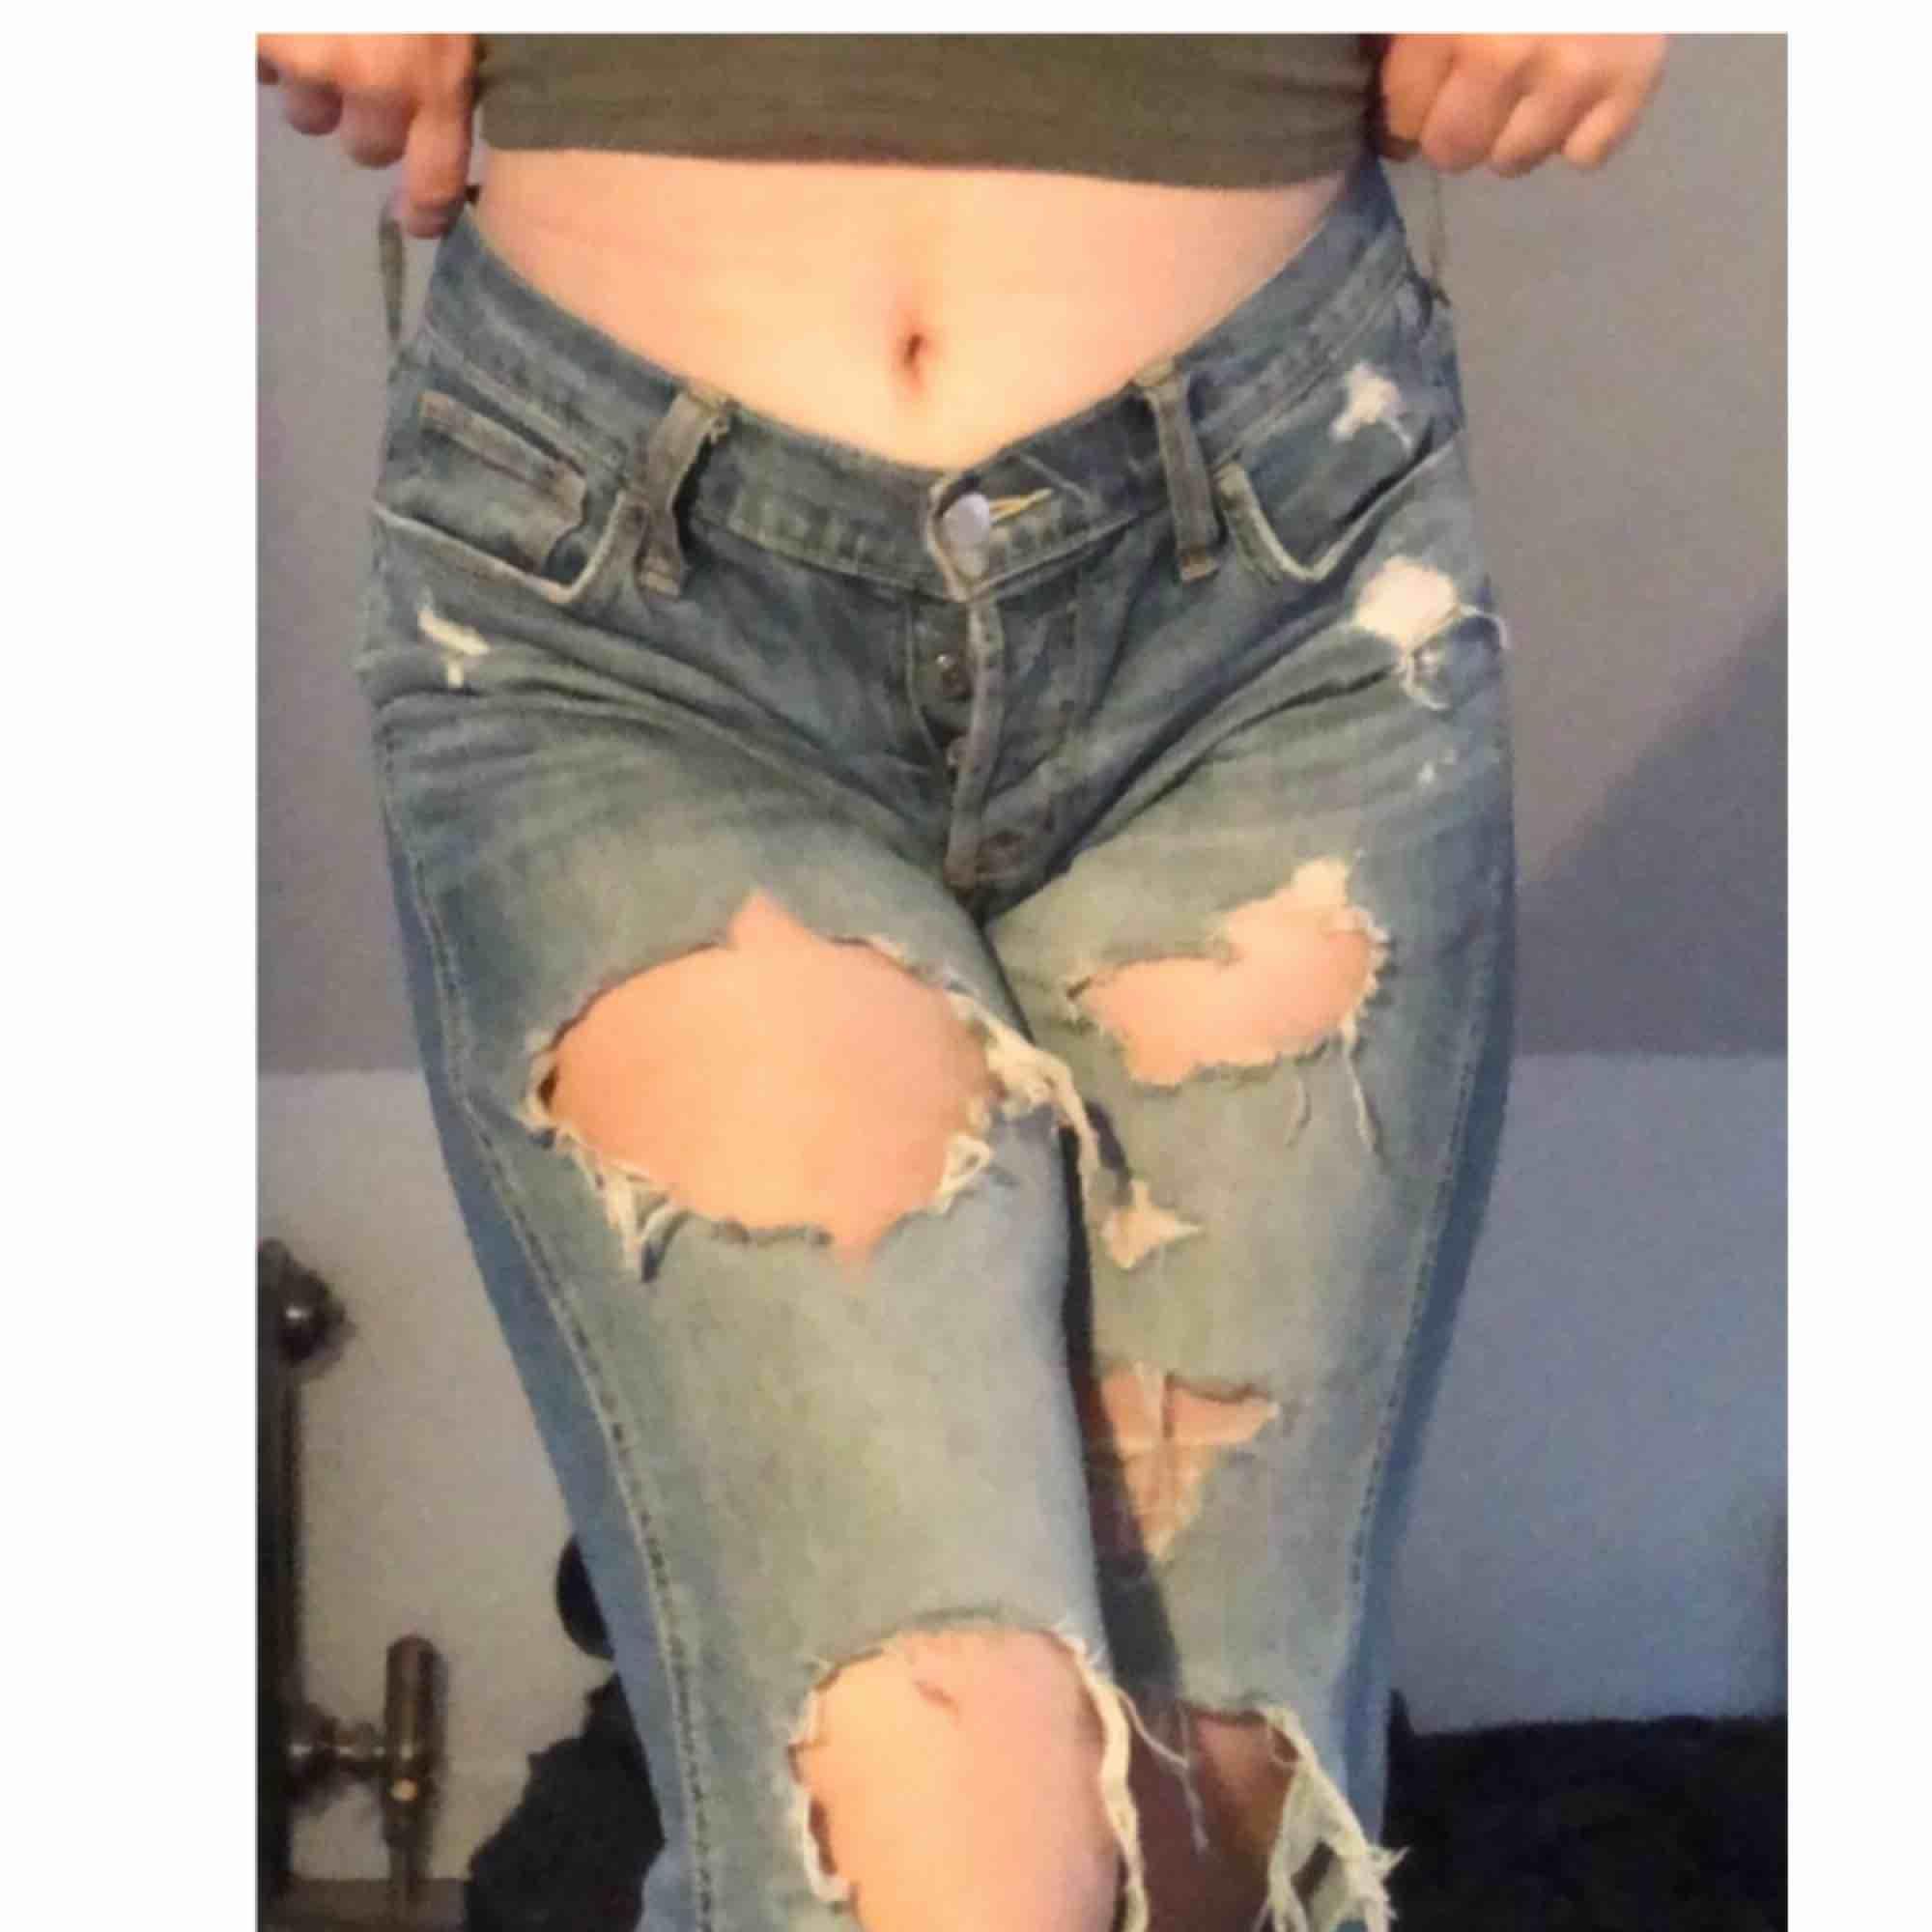 Slitna jeans från Hollister. Super bekväma! Storlek 25 alltså S/XS. Köpta för 598kr men säljes nu! Ganska slitna men fortfarande bra skick. Skriv gärna vid intresse/frågor eller för fler bilder på produkten!. Jeans & Byxor.